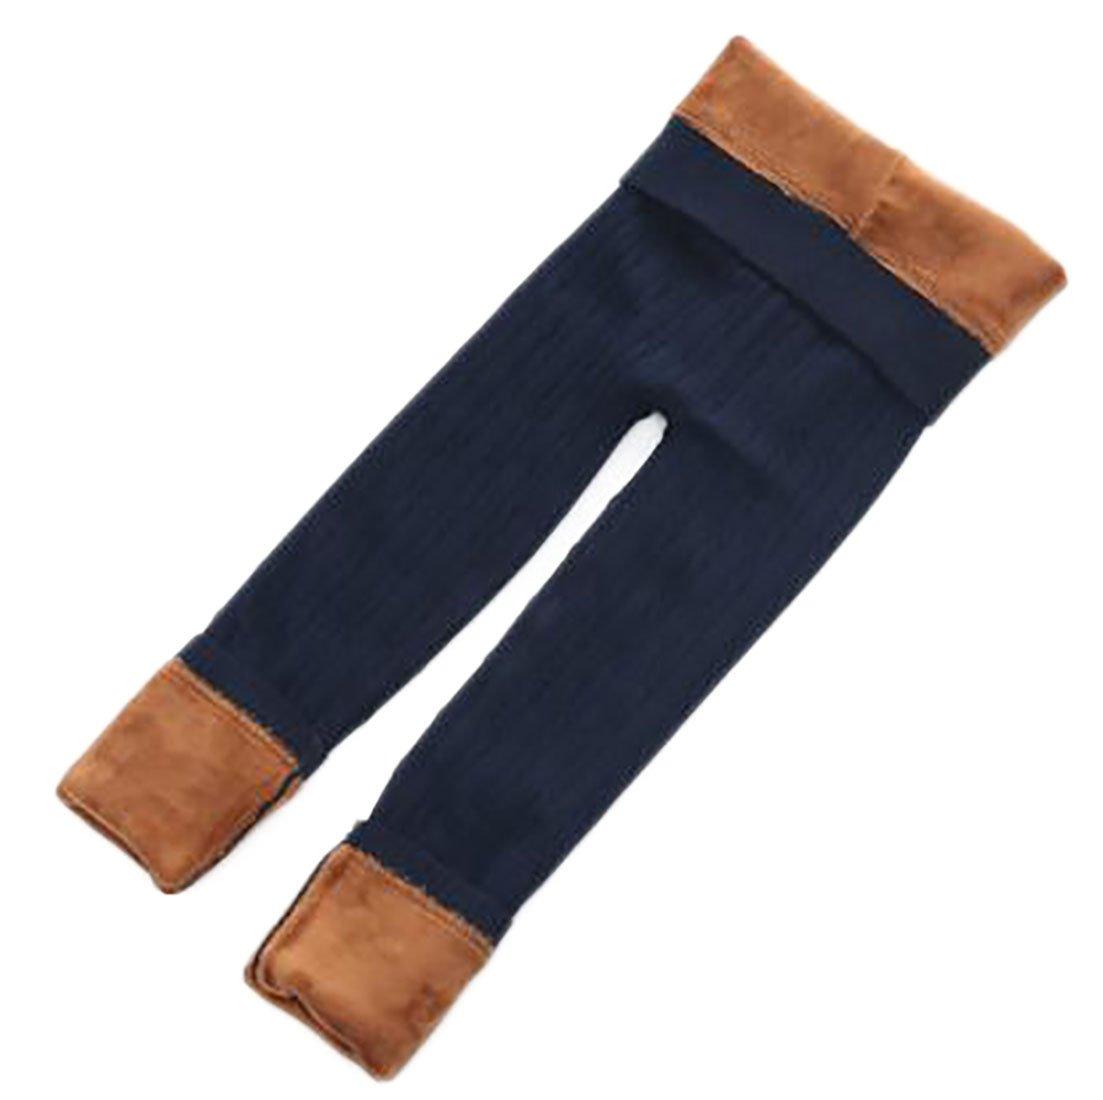 Joe Wenko JWK Girls Stretchy Cable Knit Solid Winter Fleece Lined Leggings Pants